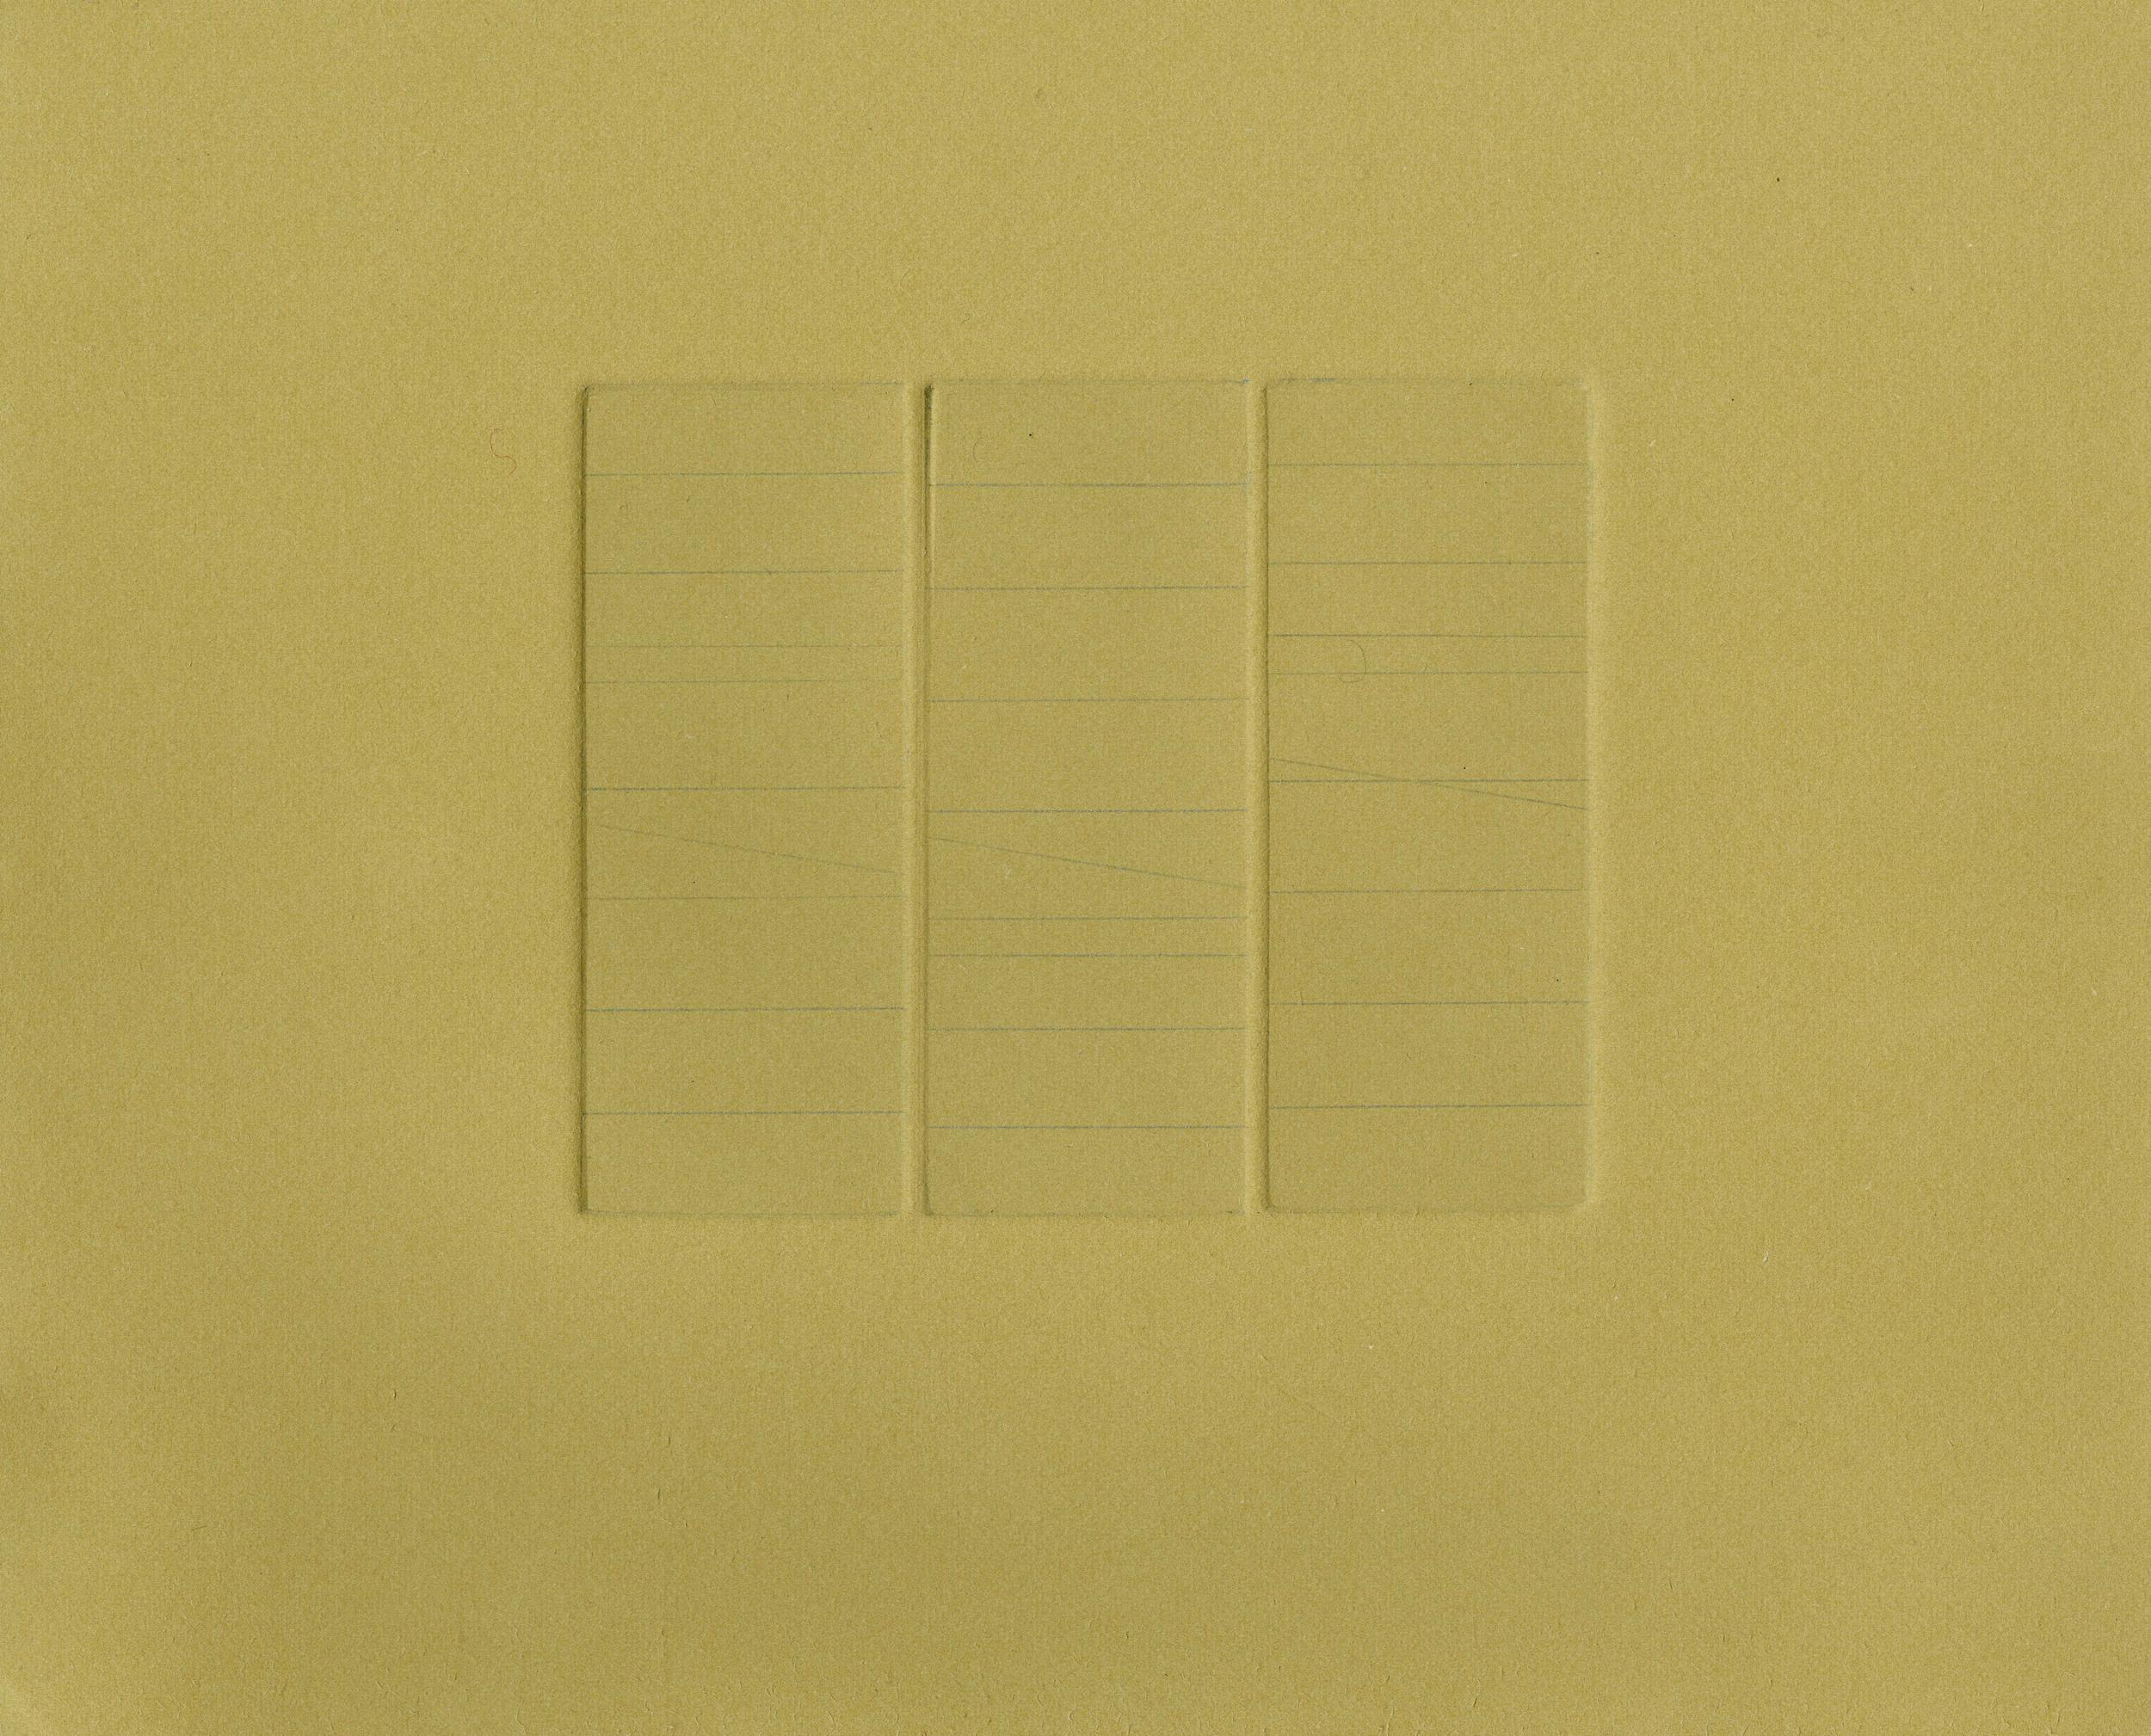 rectangle011.jpg